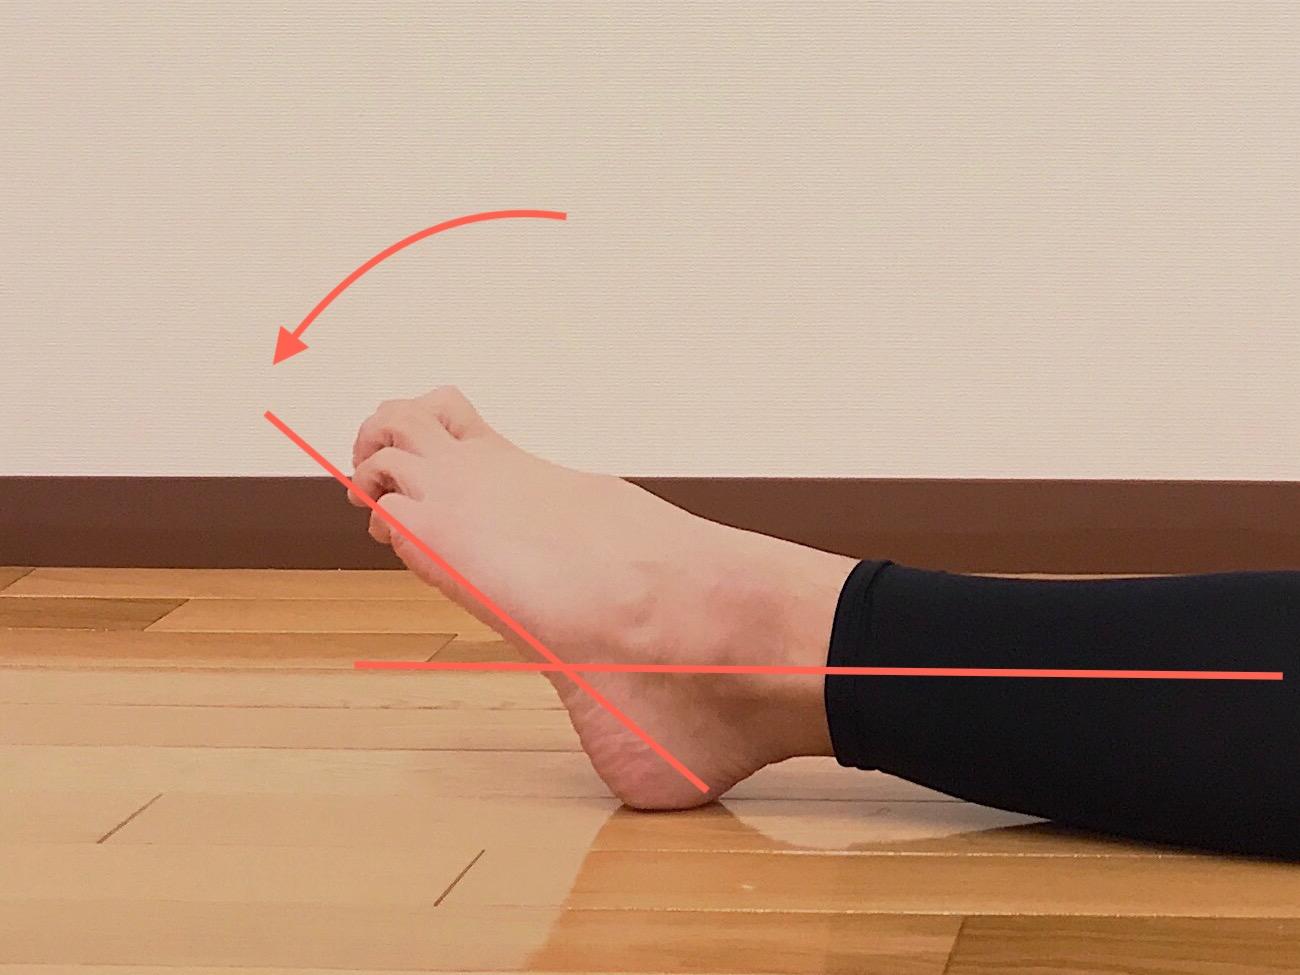 足関節を伸ばす動作(底屈)が硬い場合